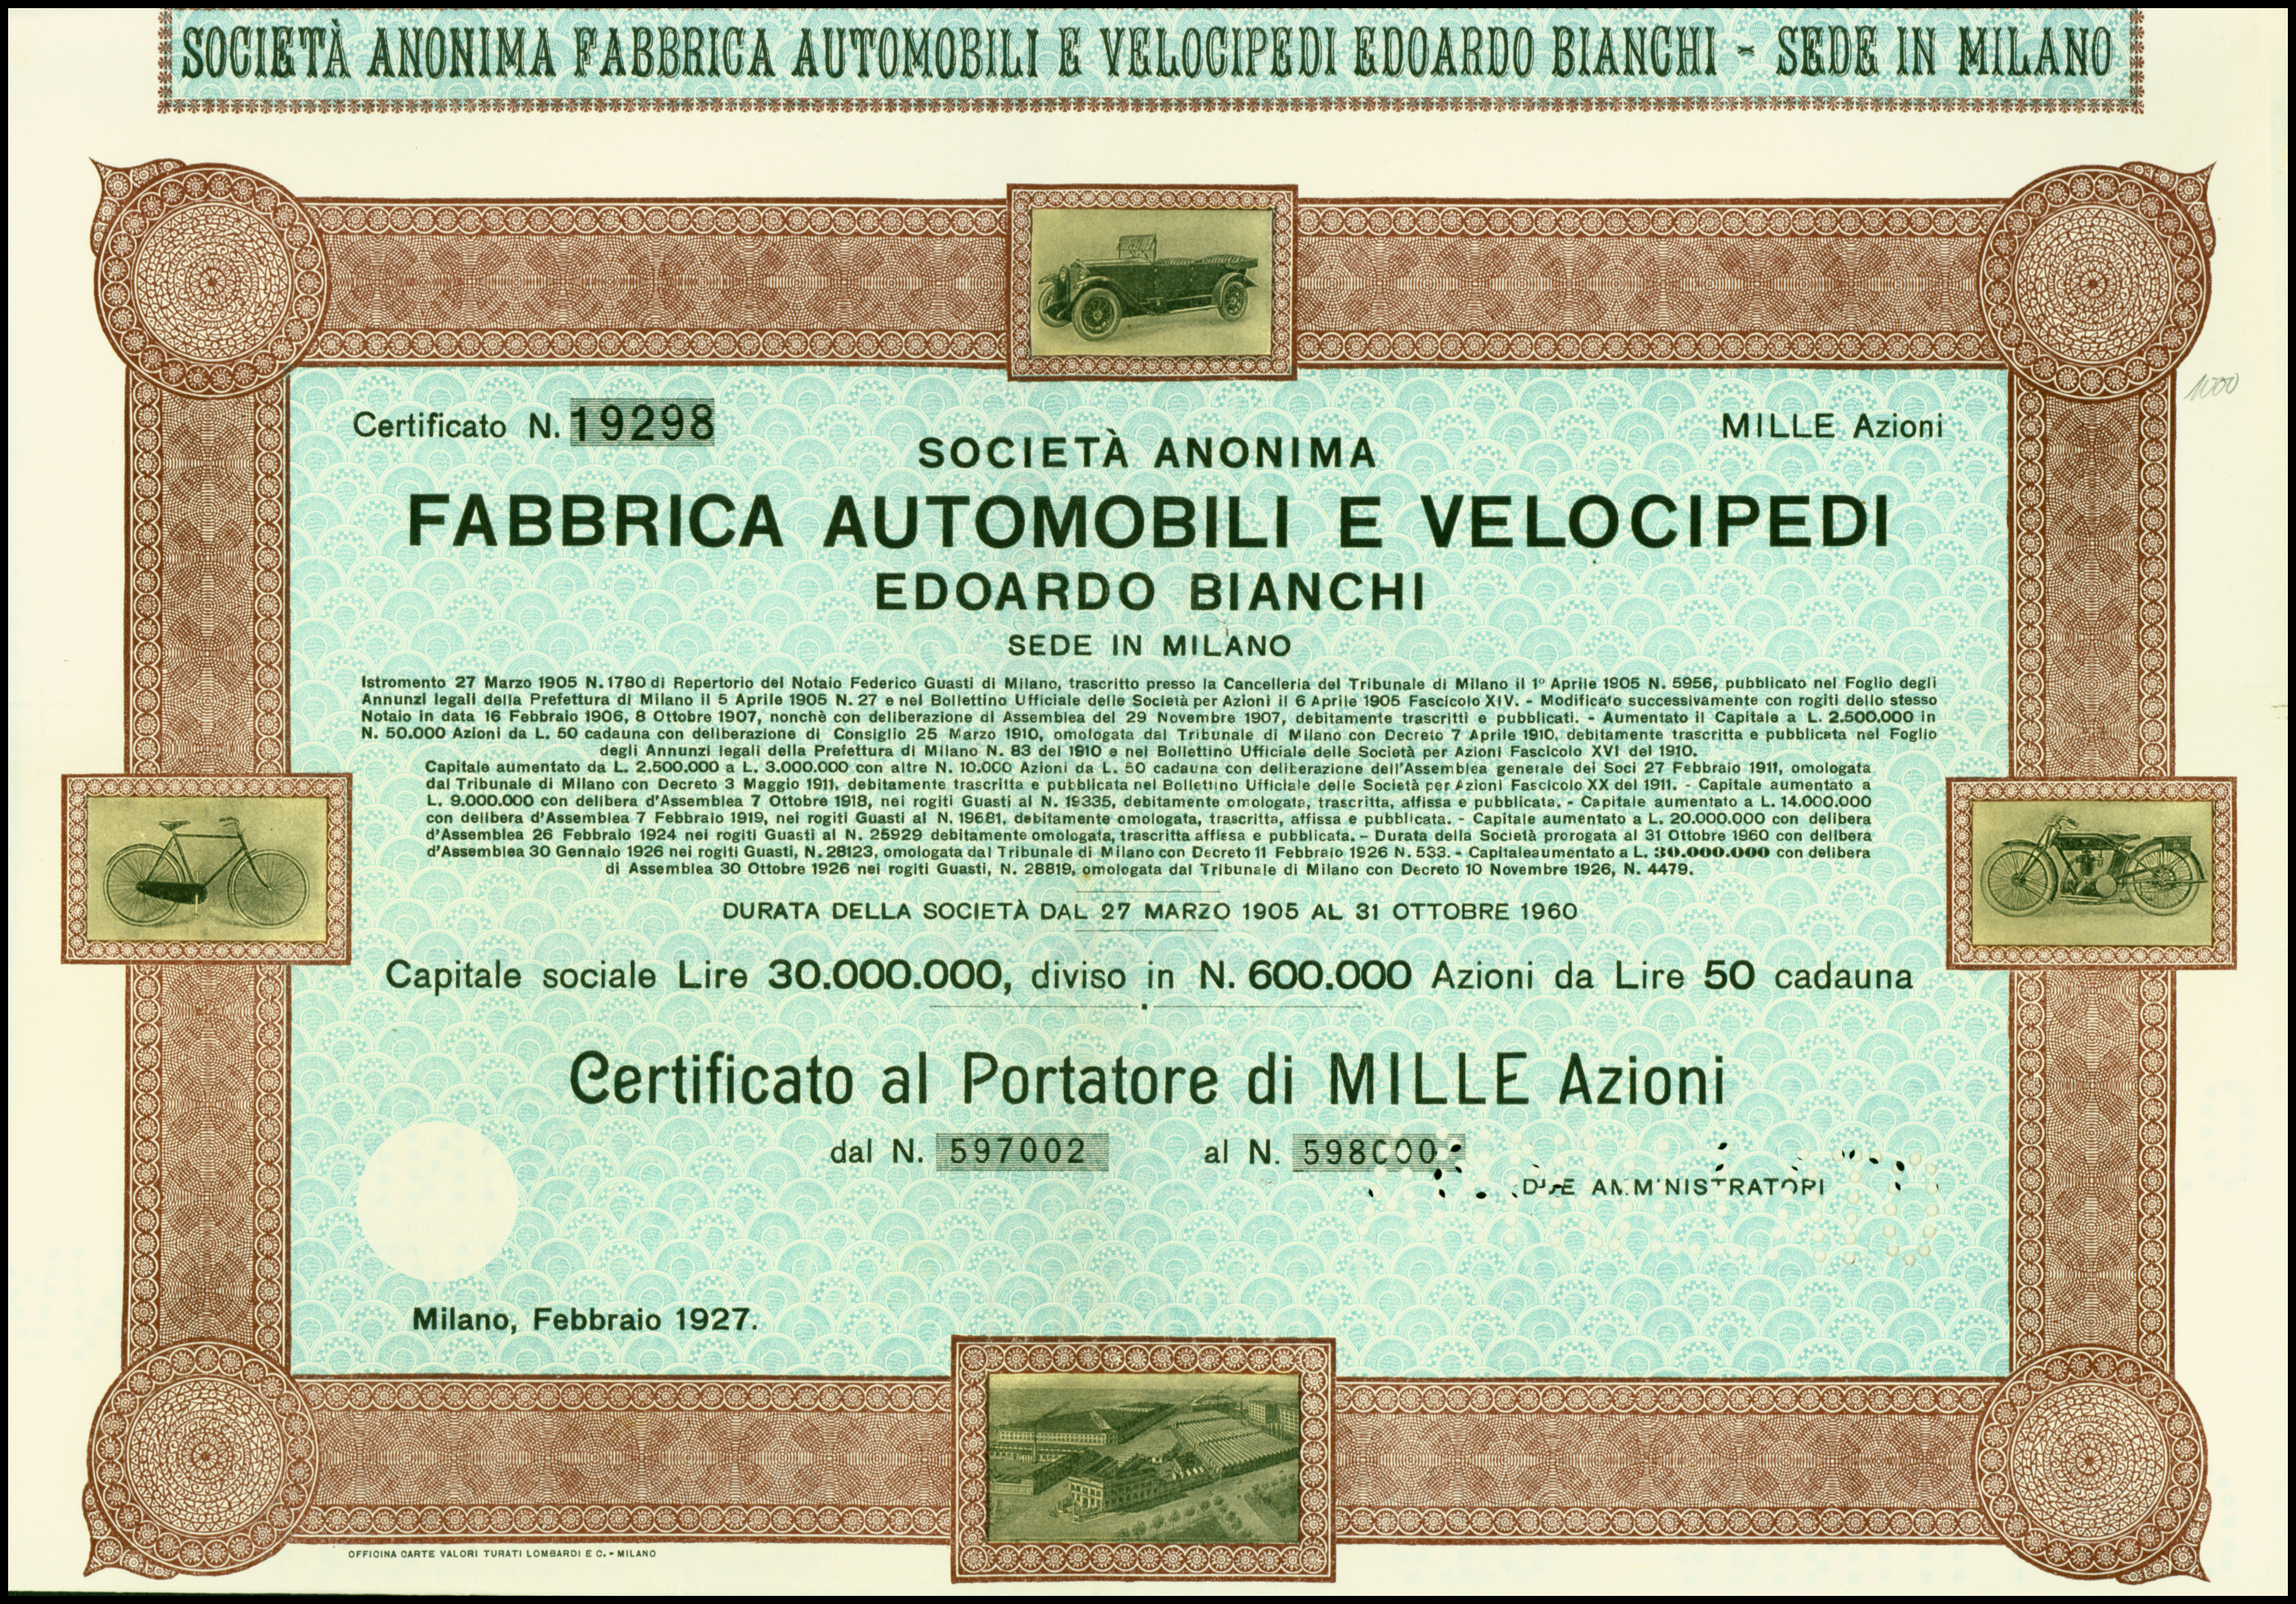 Bianchi (company) - Wikipedia